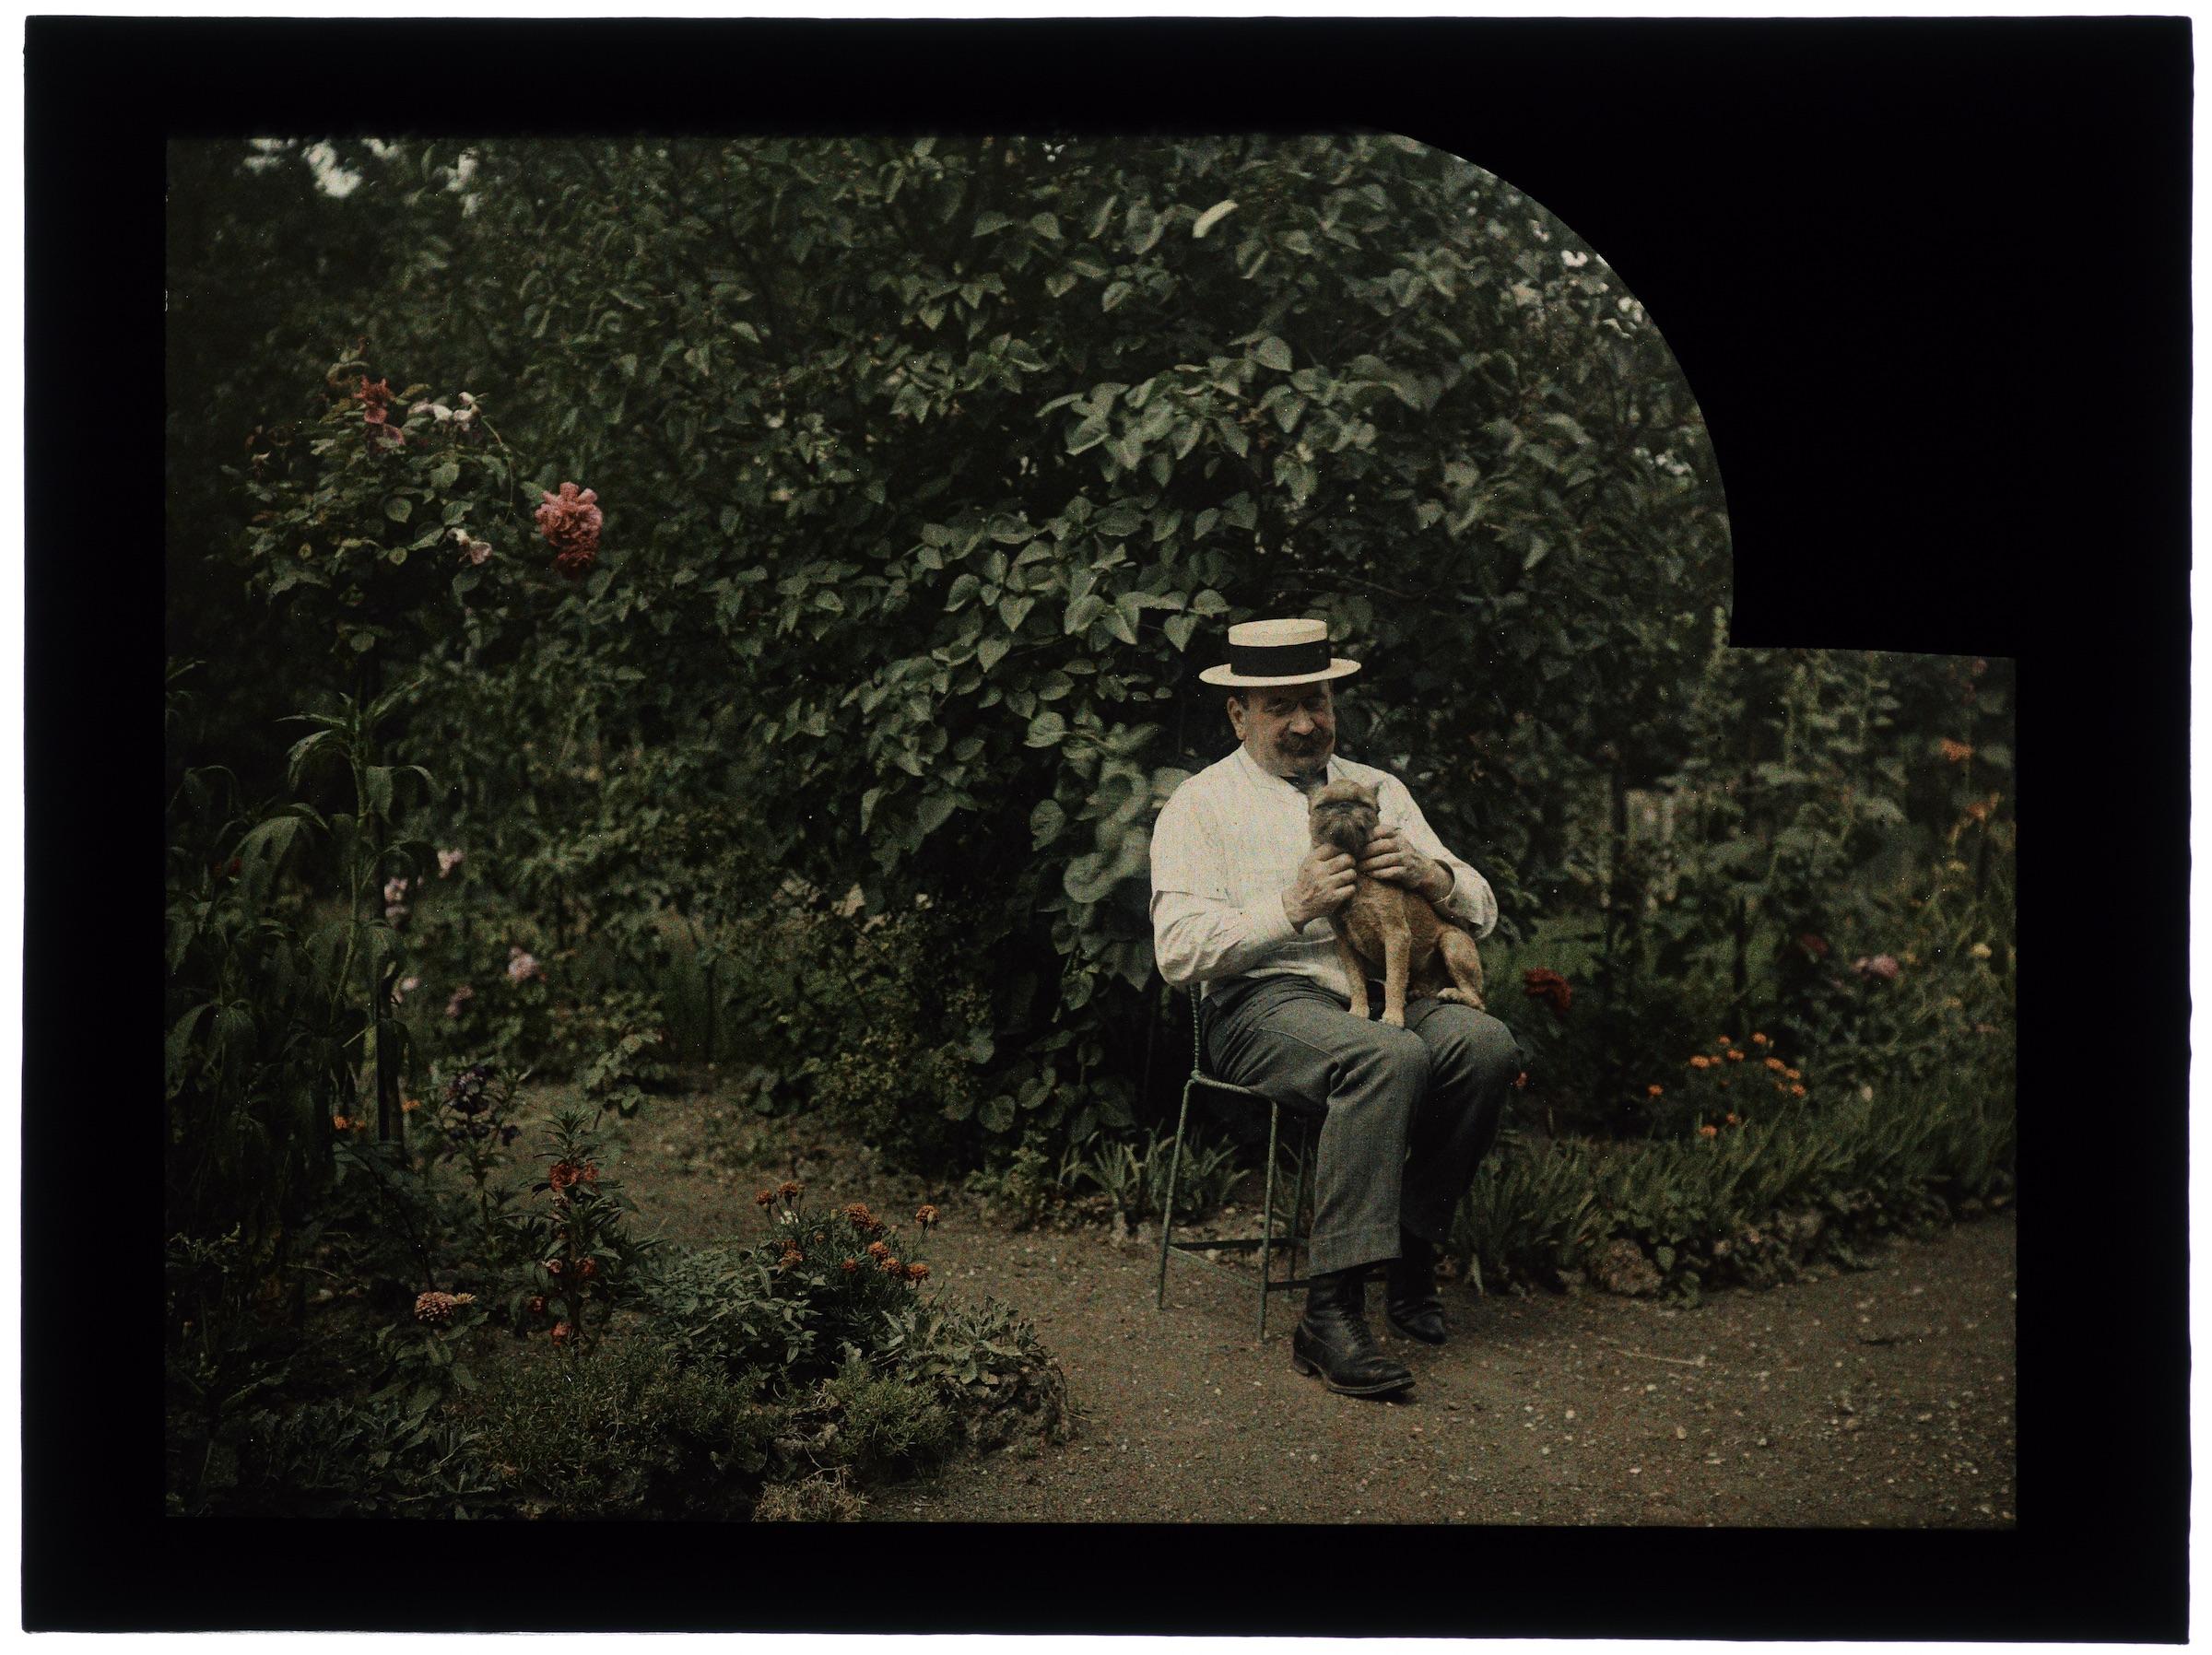 Homme est son chien au jardin